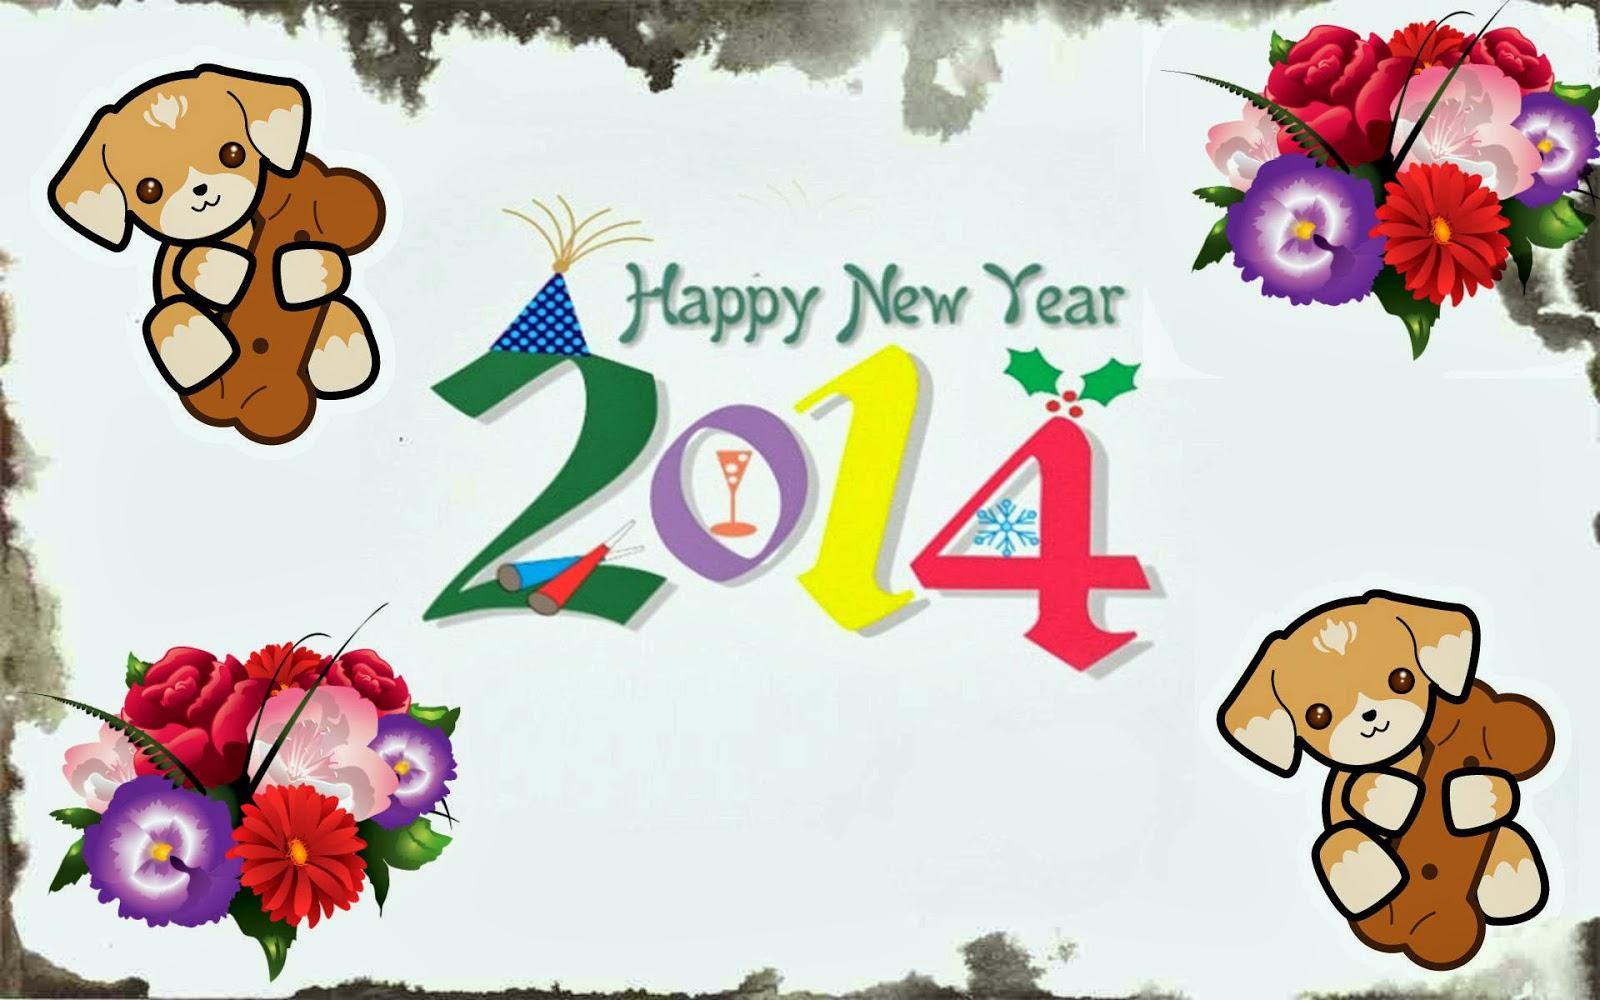 HinduGodHappyNewYearWishesLordHanumanHappyNewYear2014  Happy New Year